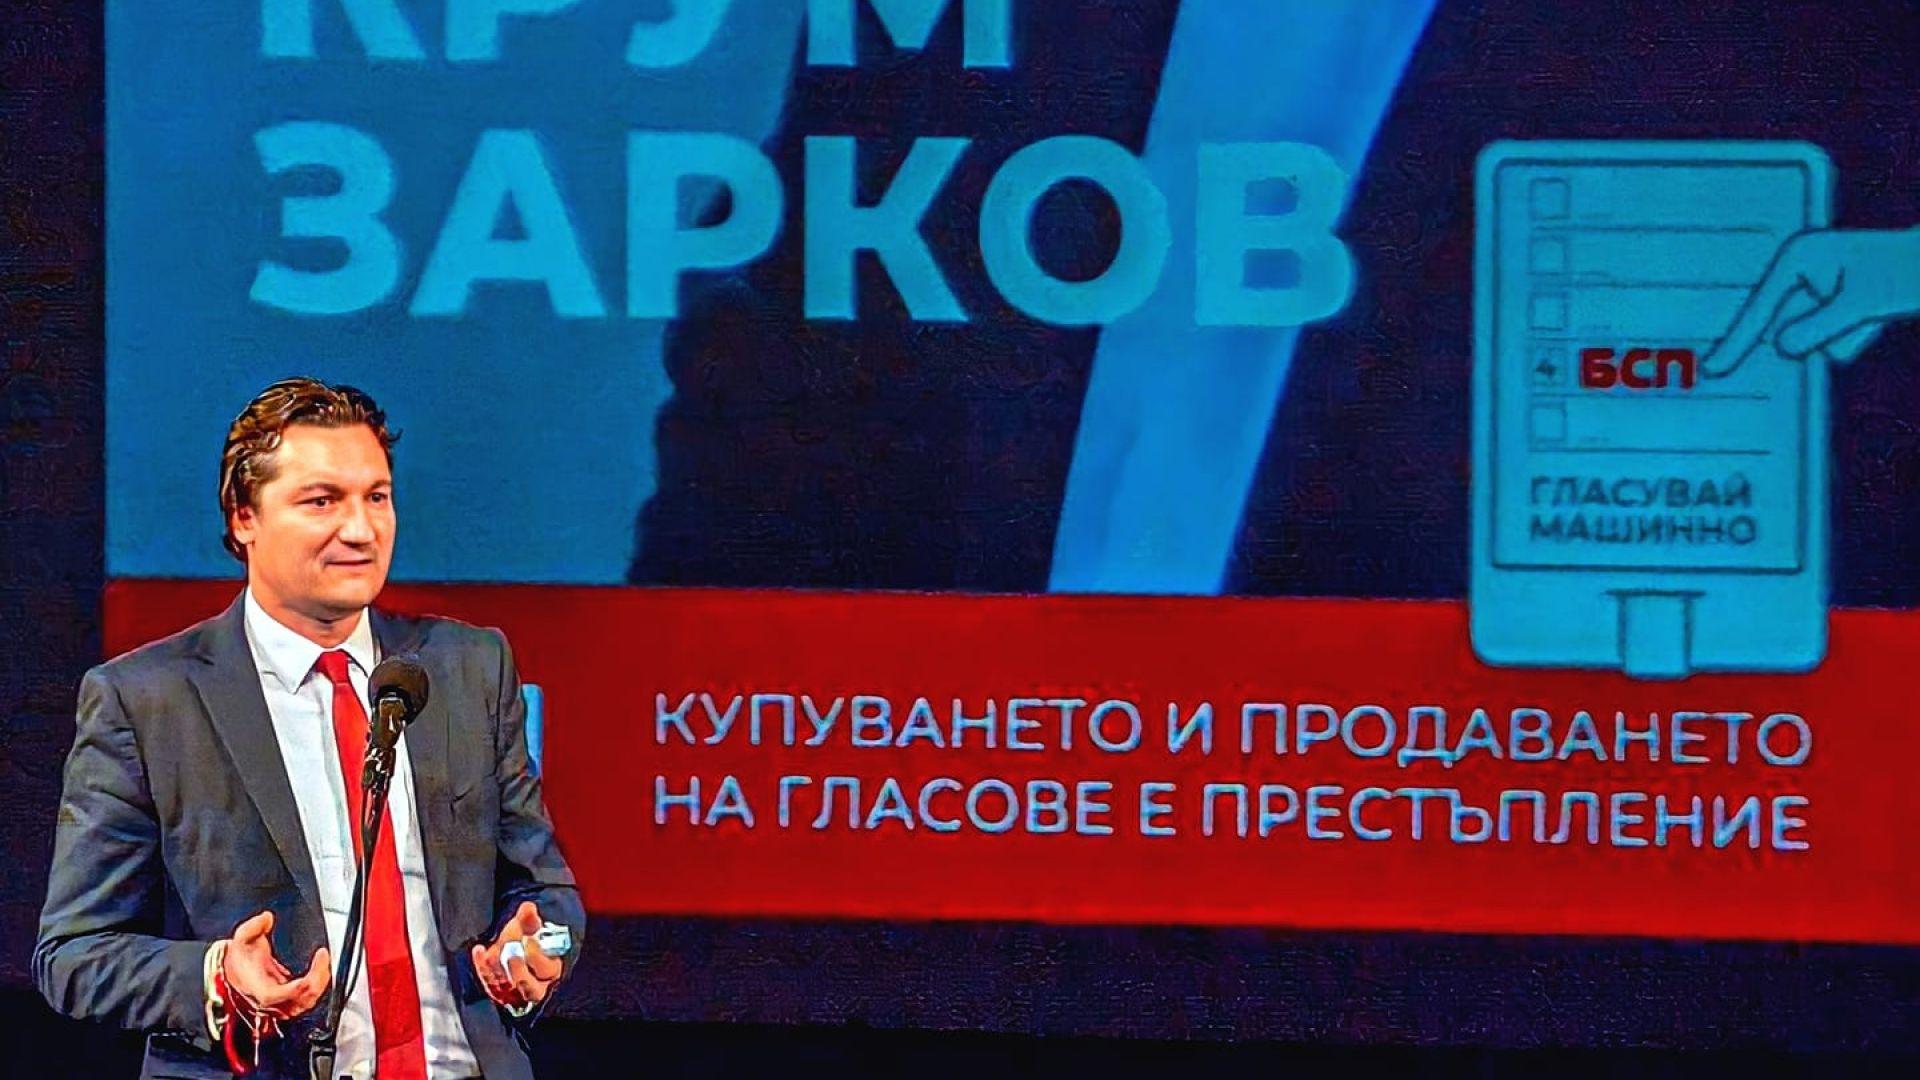 Крум Зарков е готов да се откаже от парламента, пита русенските социалисти